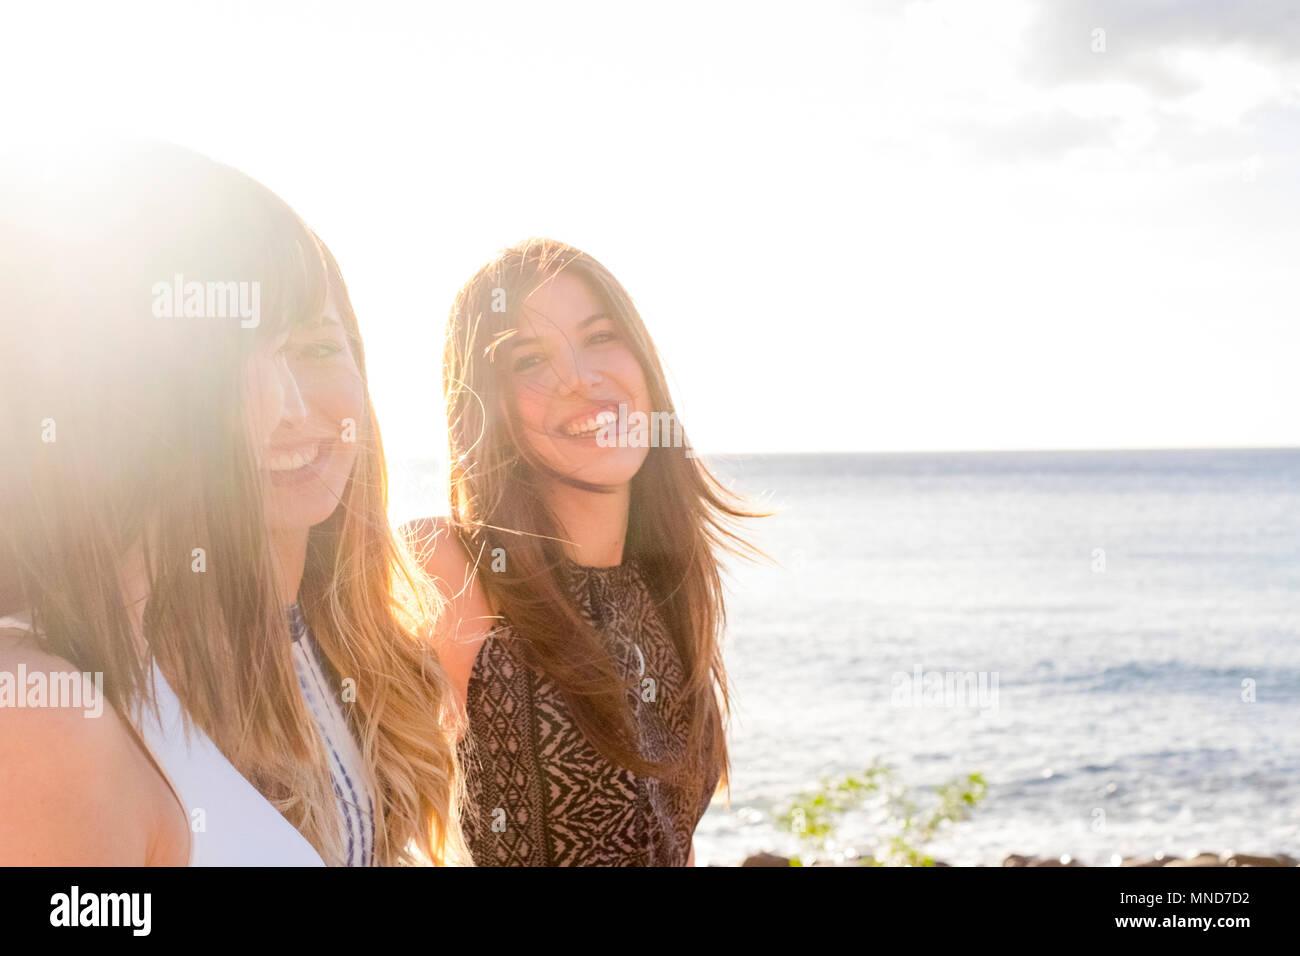 Trois jeunes femmes amis marcher ensemble sur un mur près de la plage à Ténérife. Profitez des locations sous un ciel bleu avec un soleil jaune. Mains en mains. Photo Stock